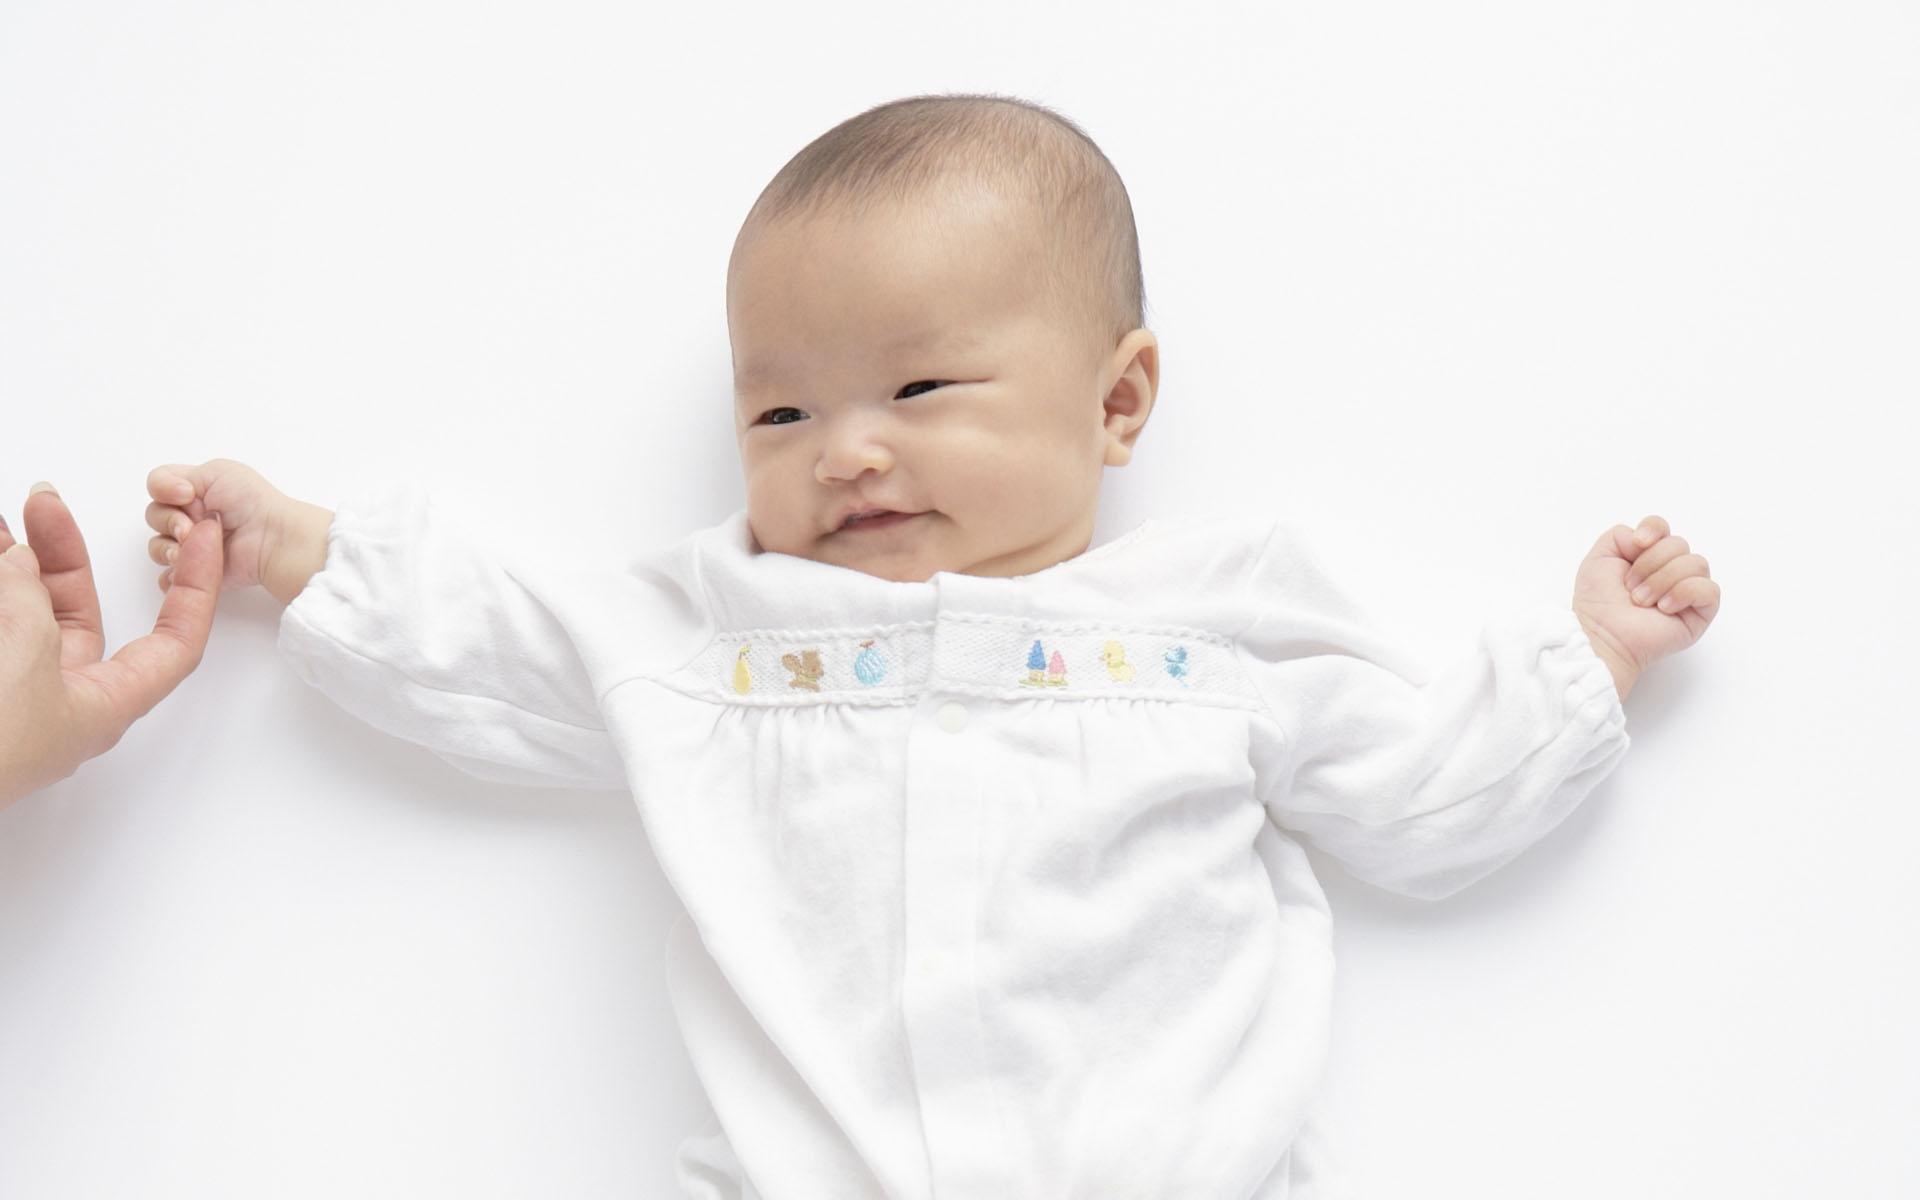 Картинки Ребенок, игра, детская одежда, рука фото и обои на рабочий стол